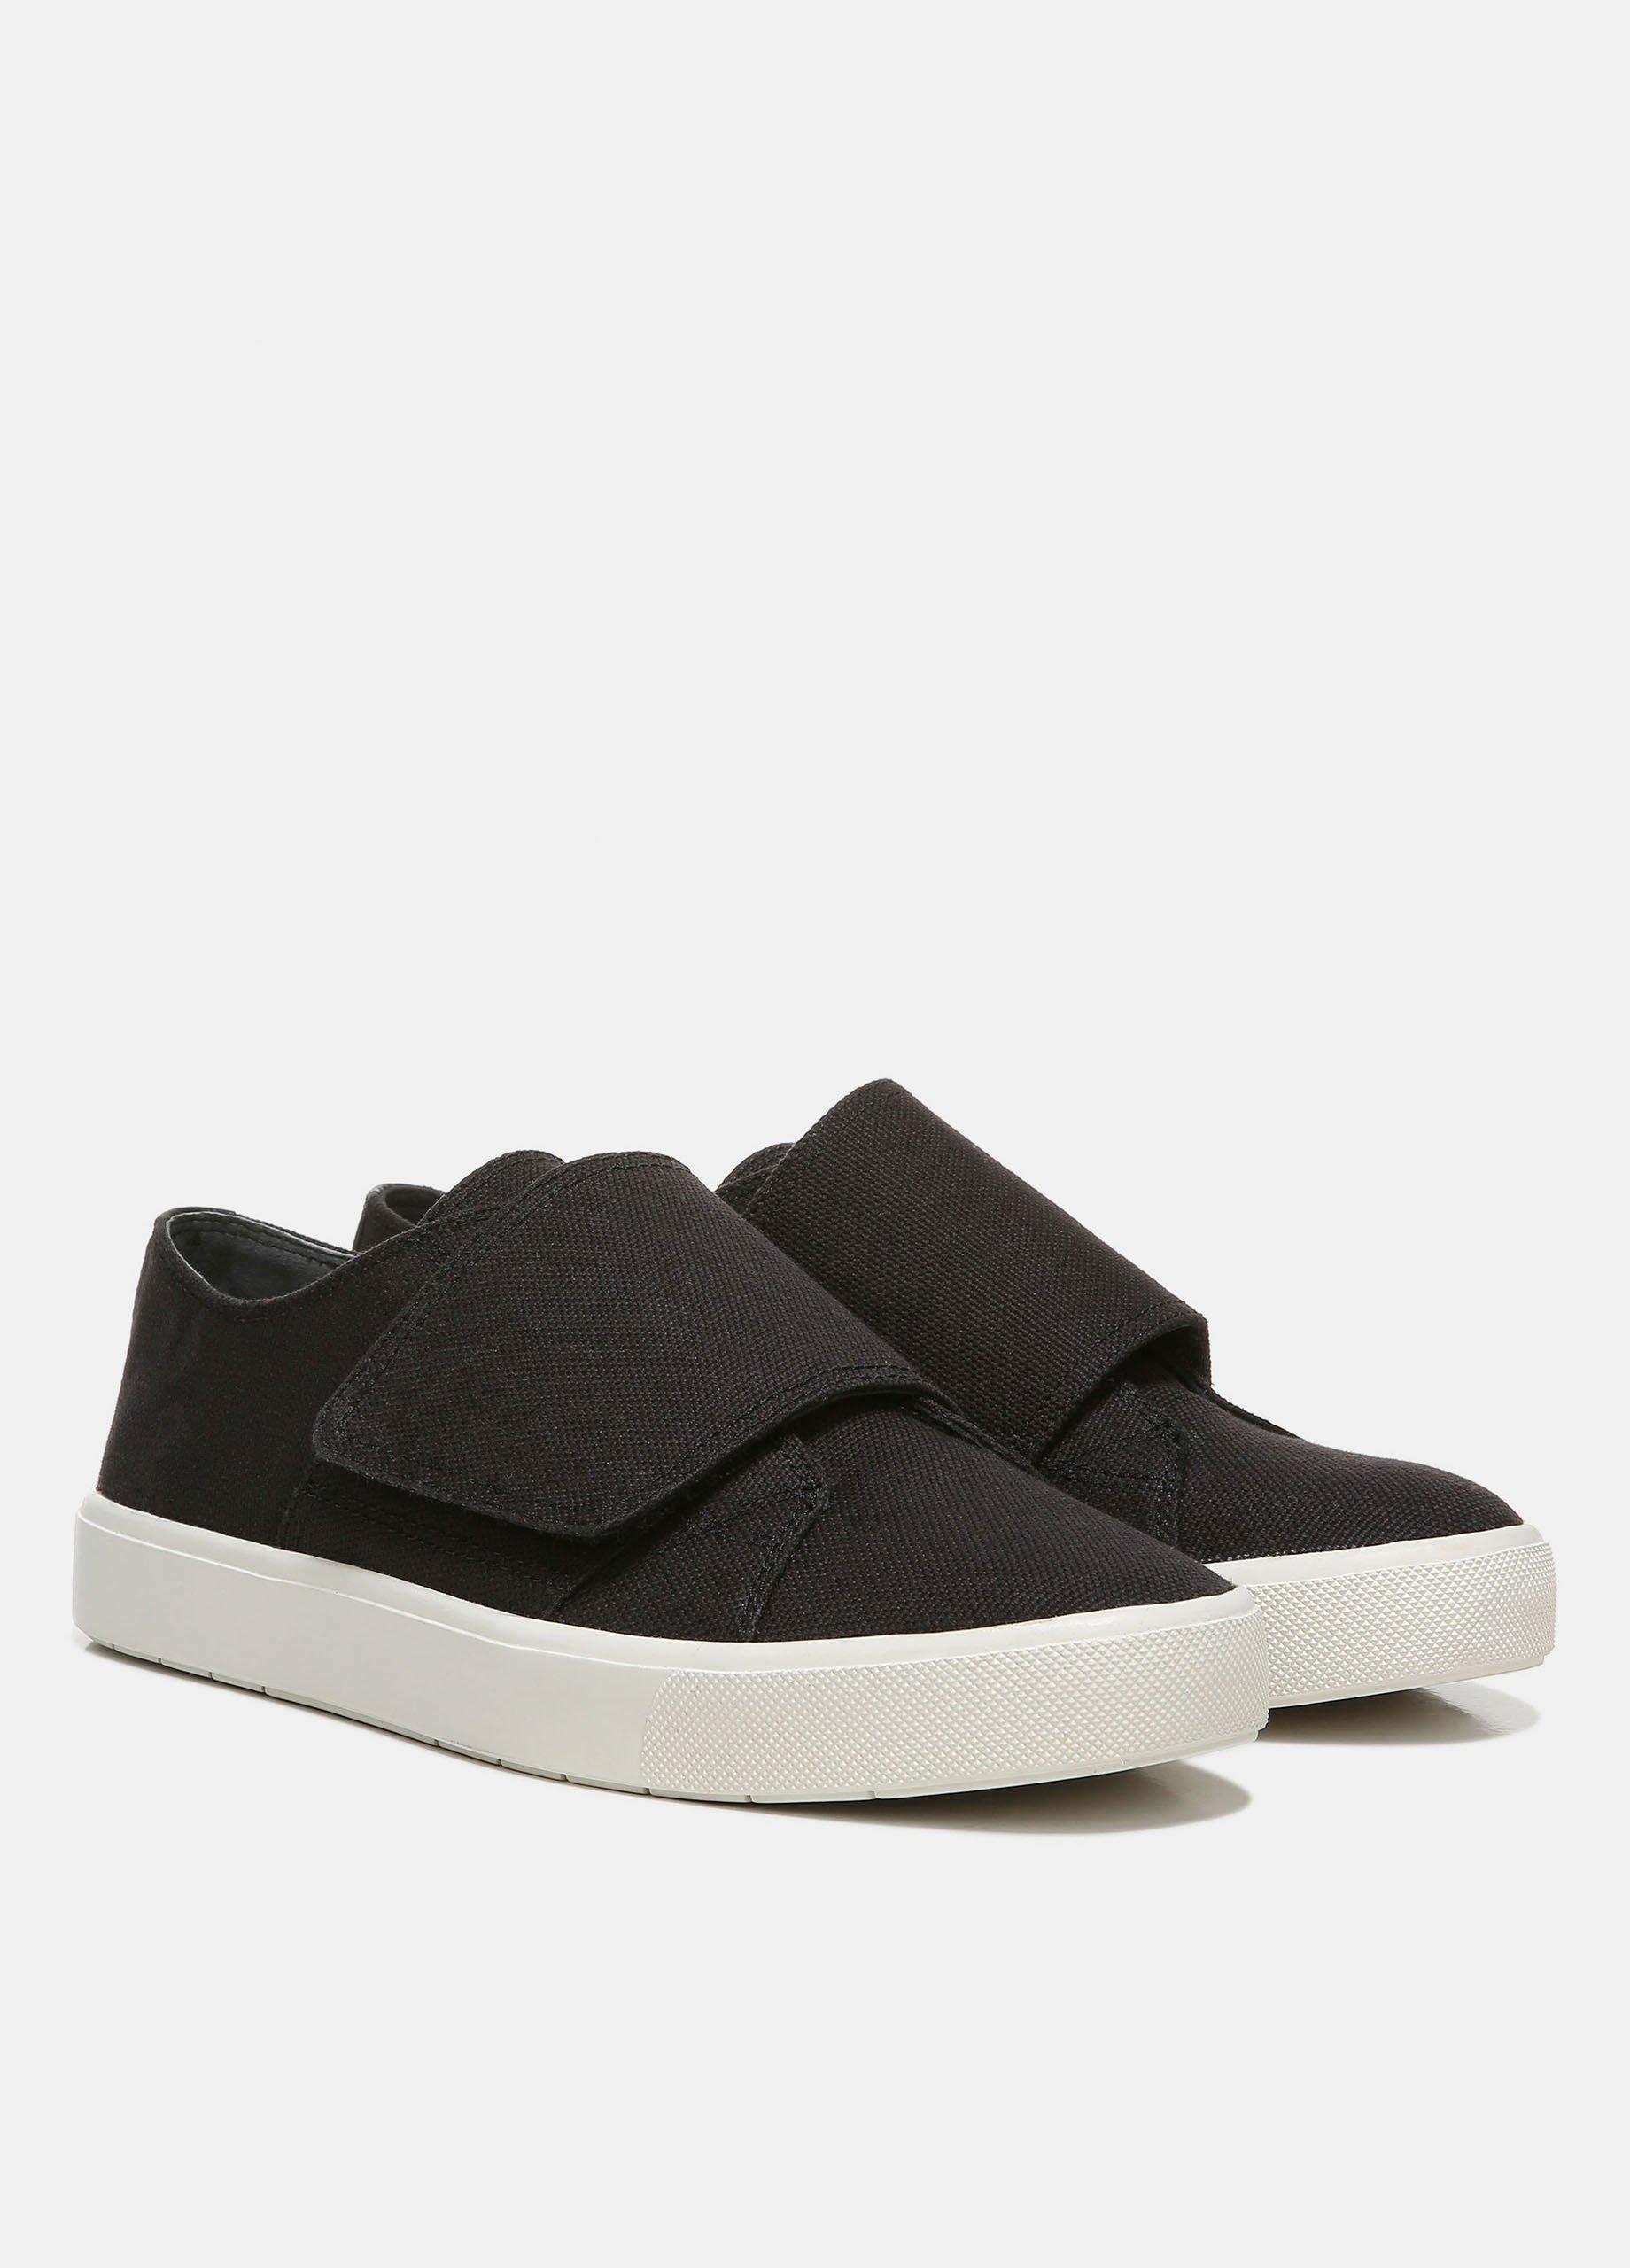 Blair Velcro Canvas Sneaker